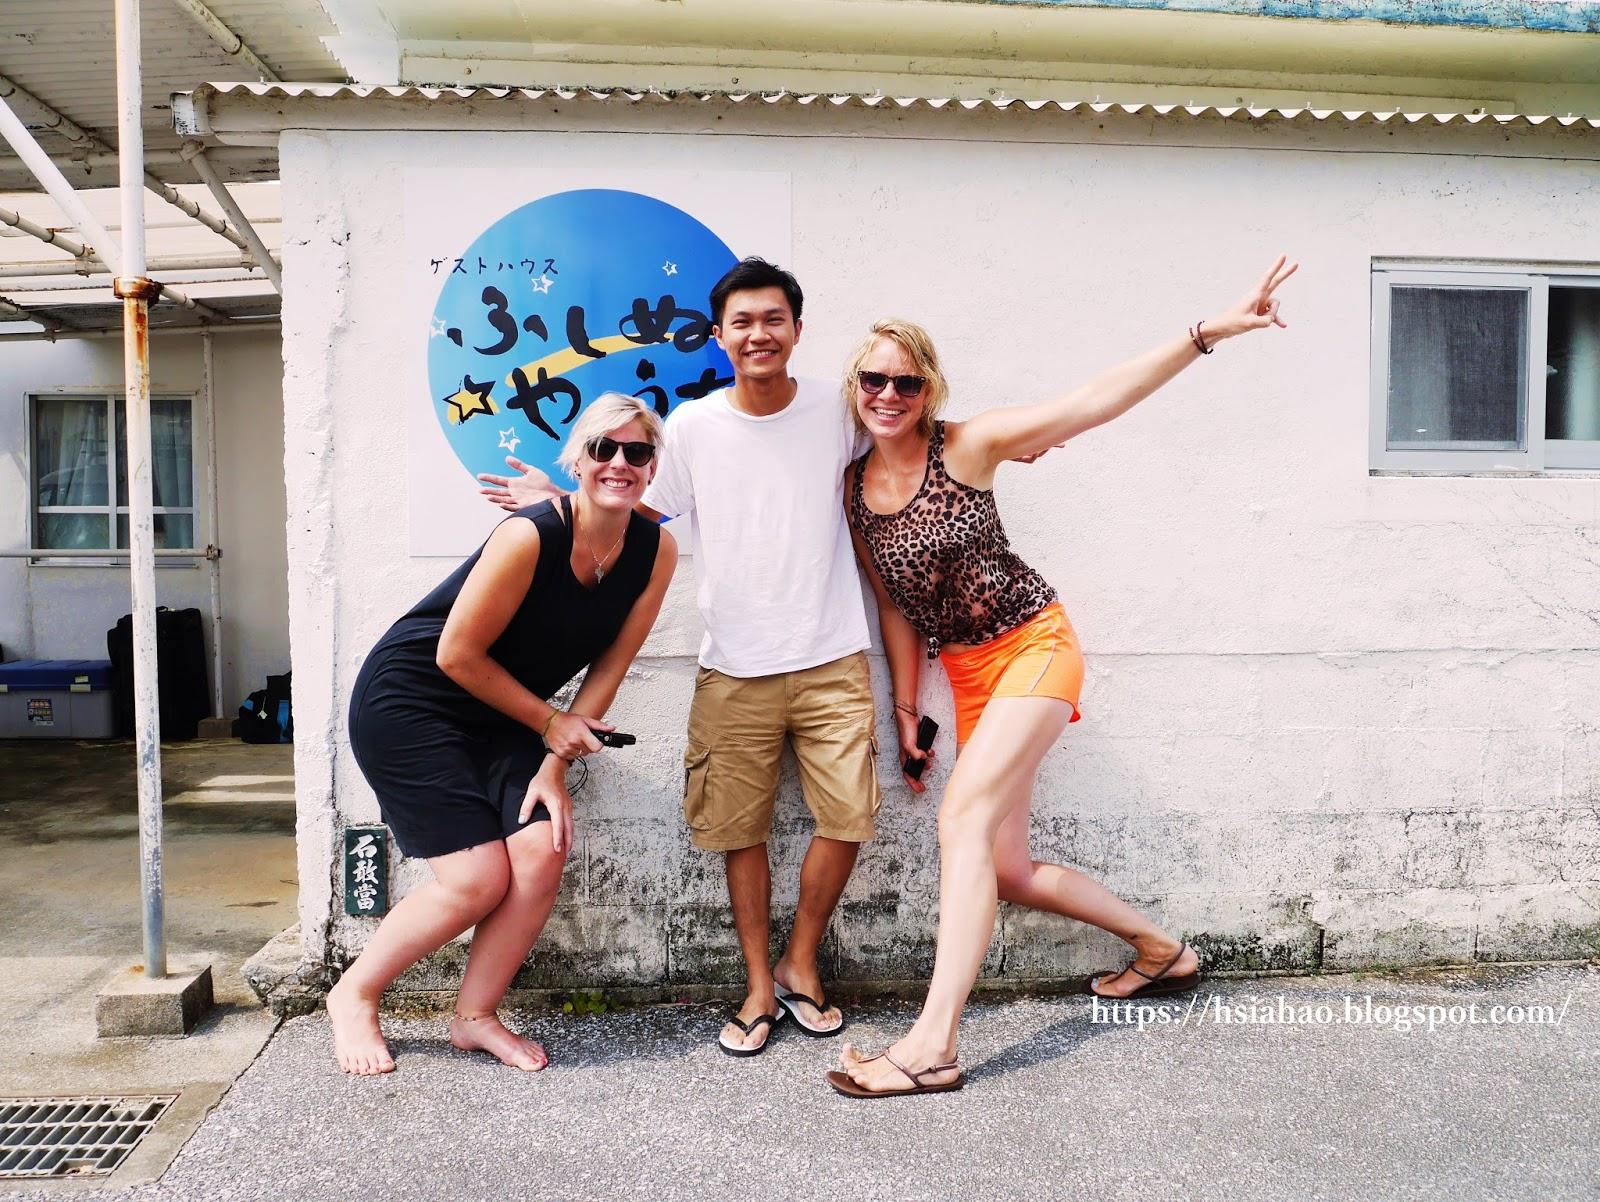 沖繩-住宿-青年旅館-Okinawa-guest-house-fushinuya-uchi